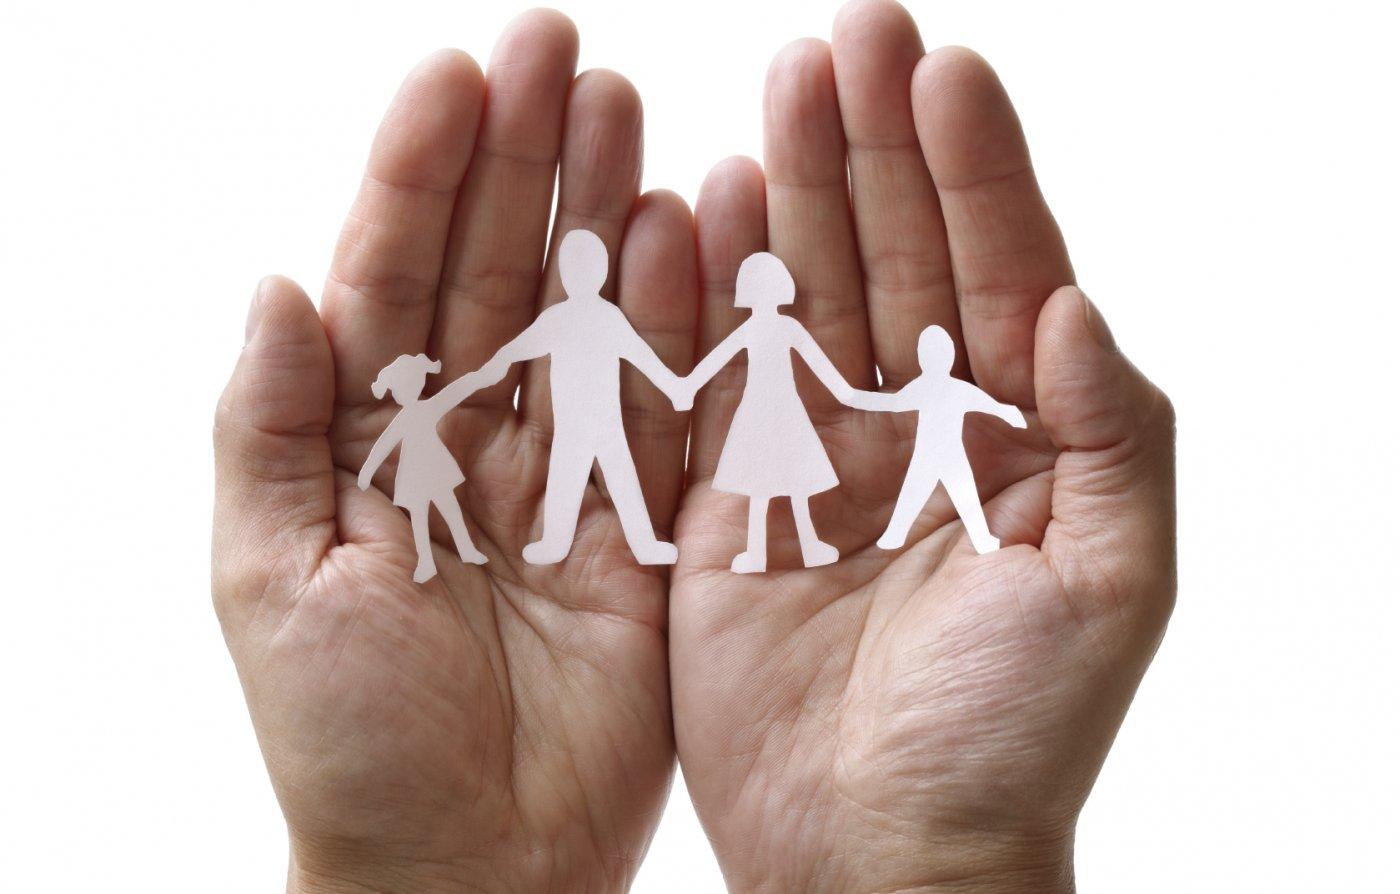 Семейная гиперхолестеринемия возникает в результате нарушения или мутации гена